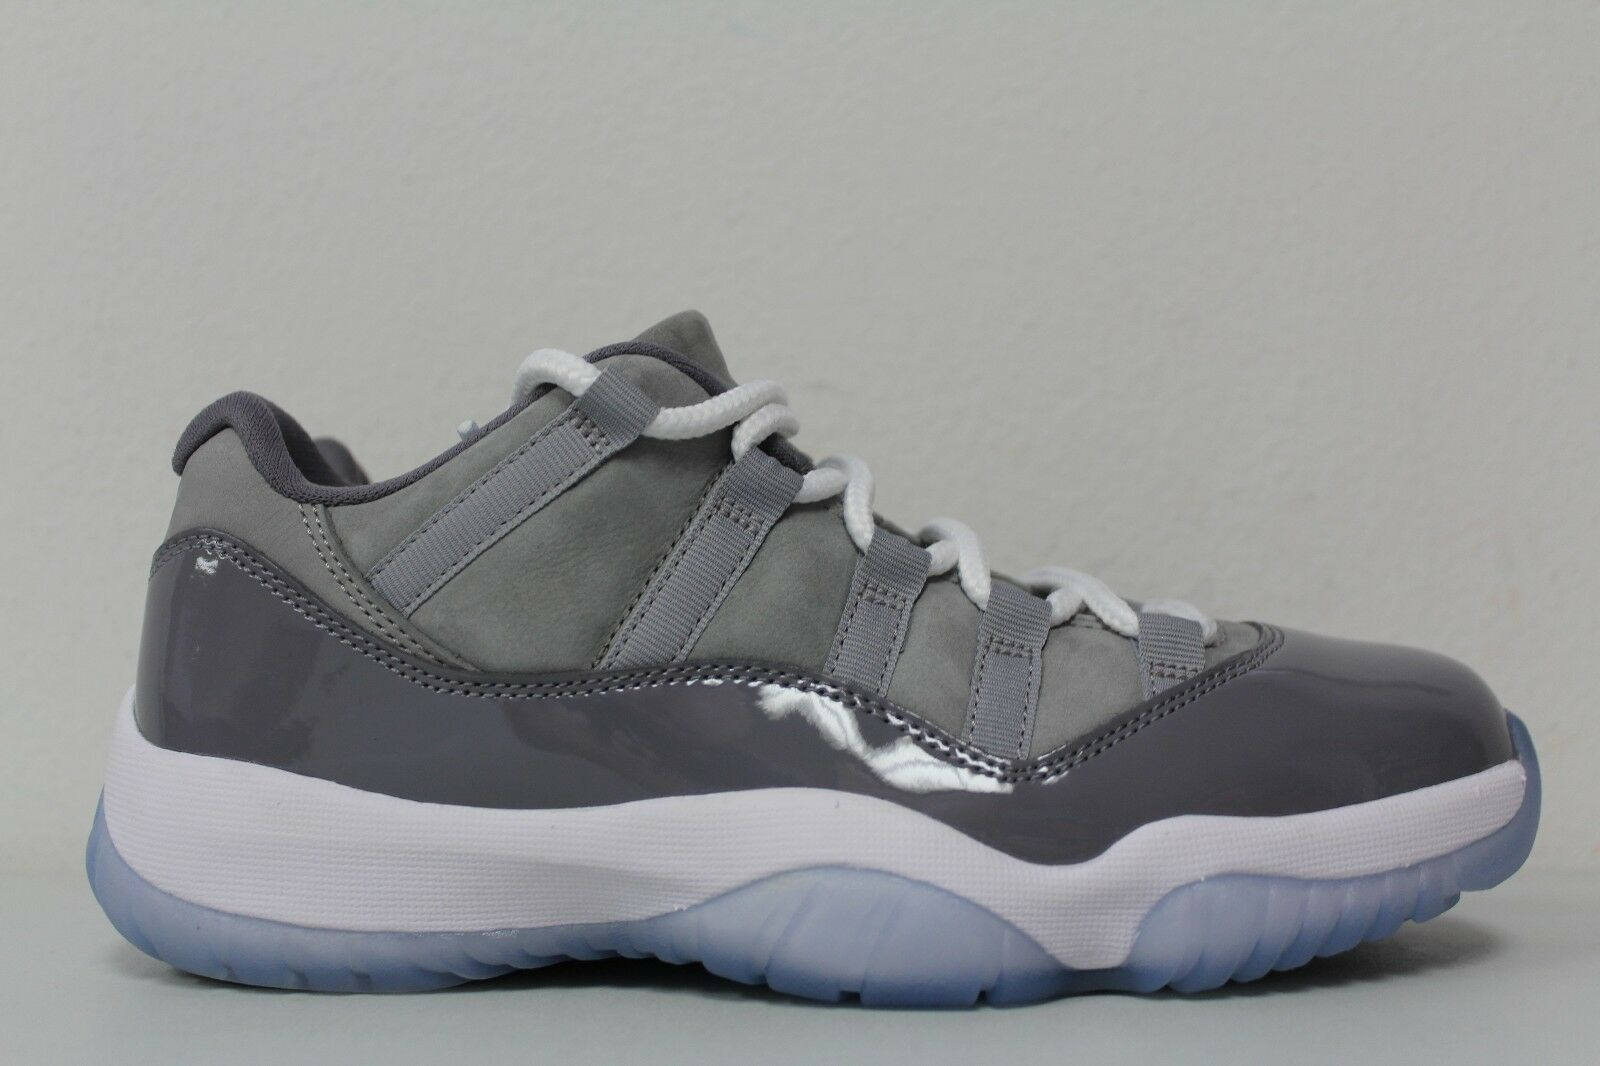 Nike Uomo Air Jordan 11 Retro Low Size 7 Cool Grey 528895-003